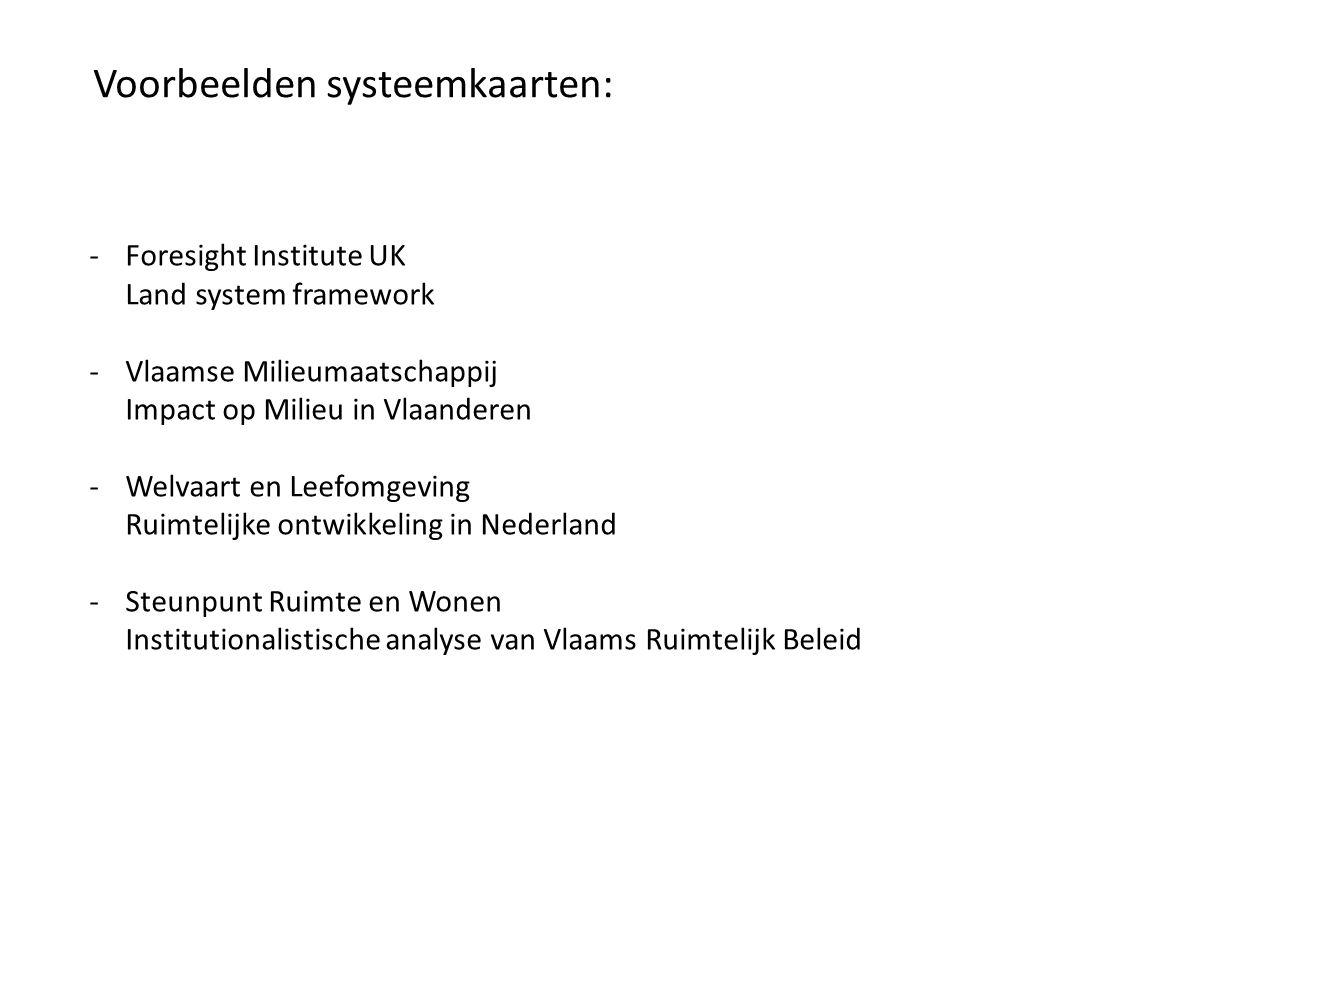 Voorbeelden systeemkaarten: -Foresight Institute UK Land system framework -Vlaamse Milieumaatschappij Impact op Milieu in Vlaanderen -Welvaart en Leefomgeving Ruimtelijke ontwikkeling in Nederland -Steunpunt Ruimte en Wonen Institutionalistische analyse van Vlaams Ruimtelijk Beleid